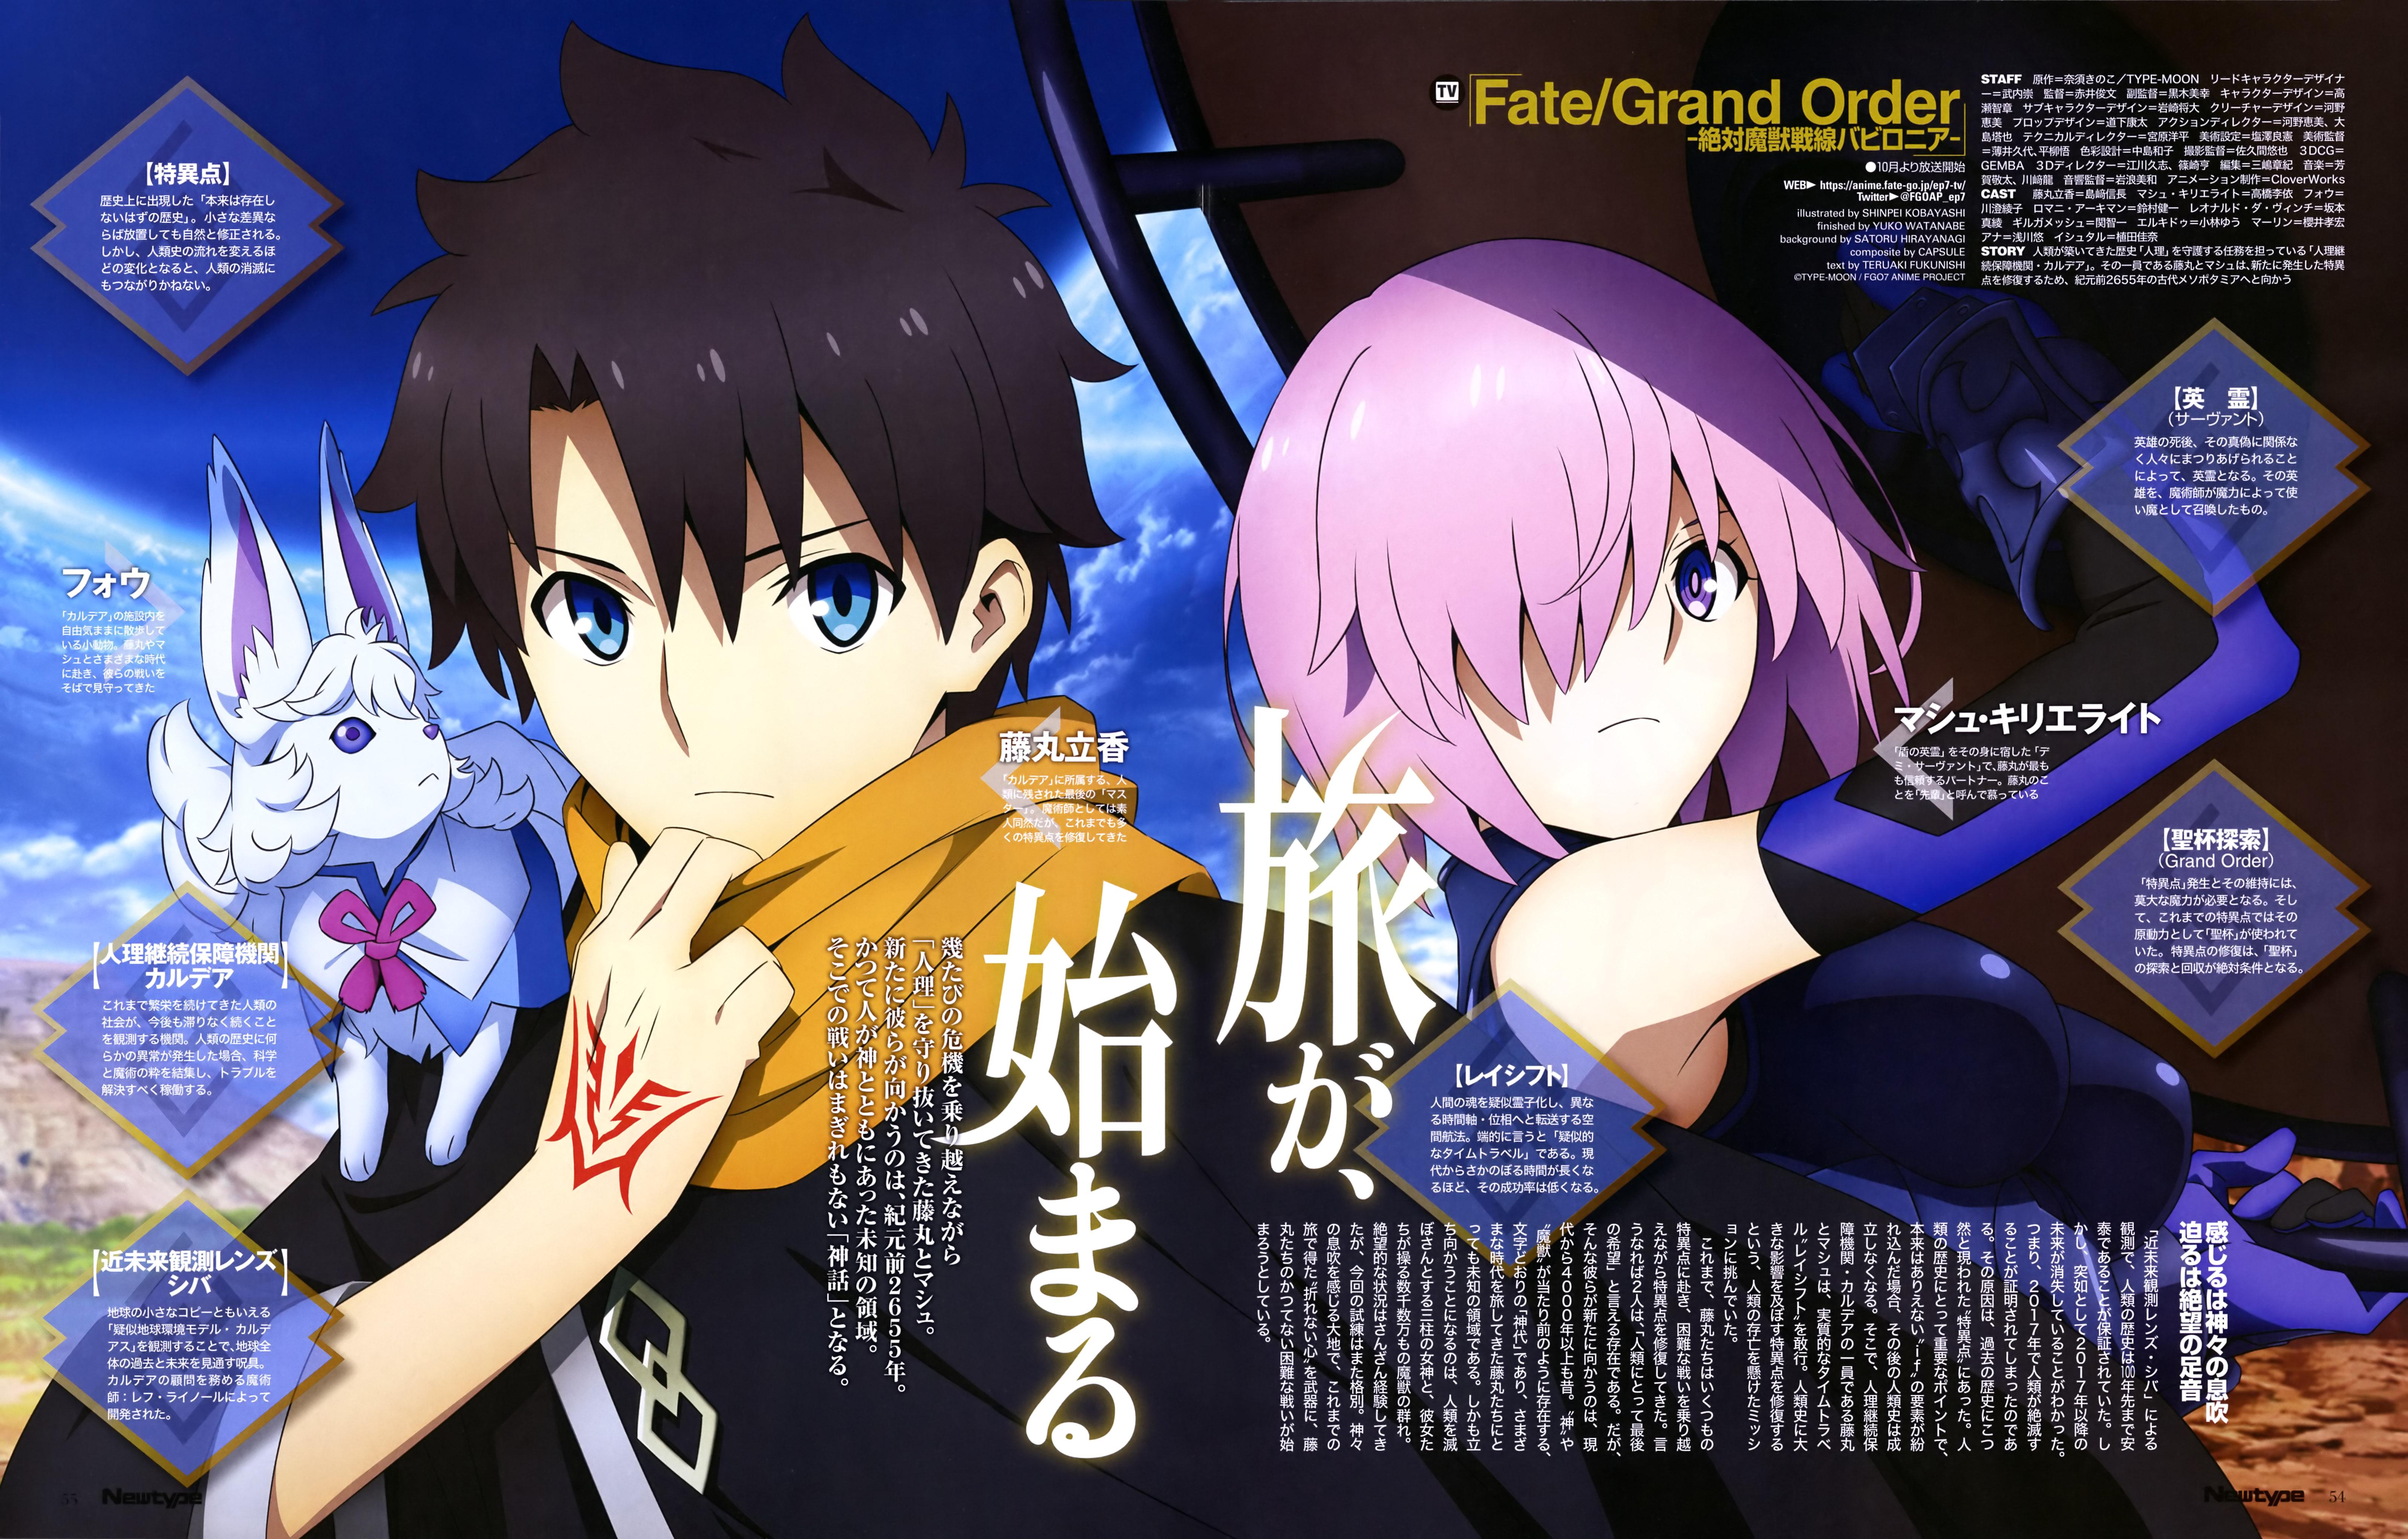 Fate/Grand Order: Zettai Majuu Sensen Babylonia Image